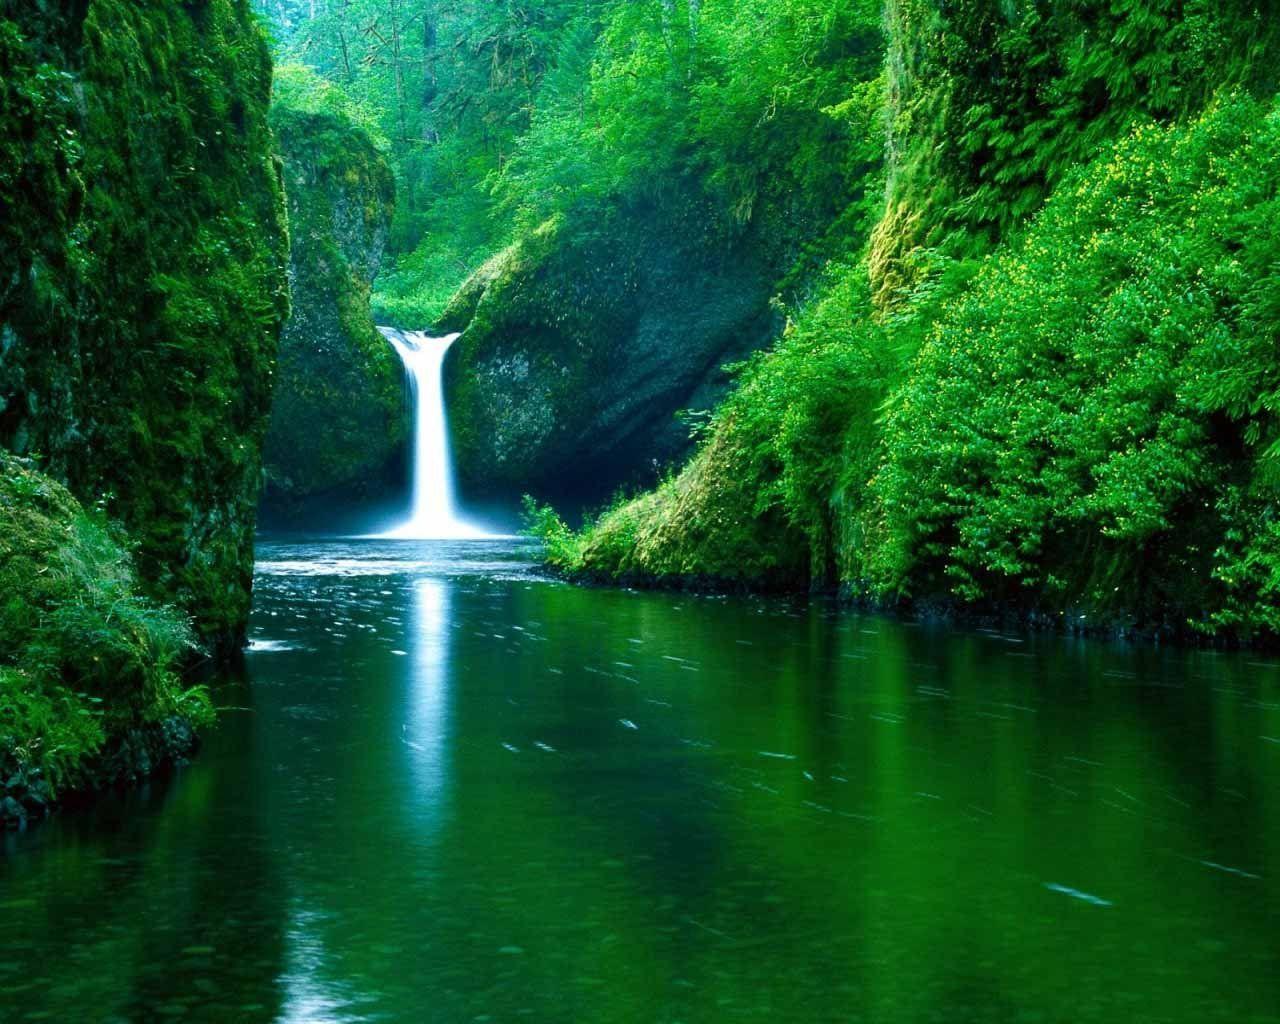 imagenes de paisajes lindos para descargar